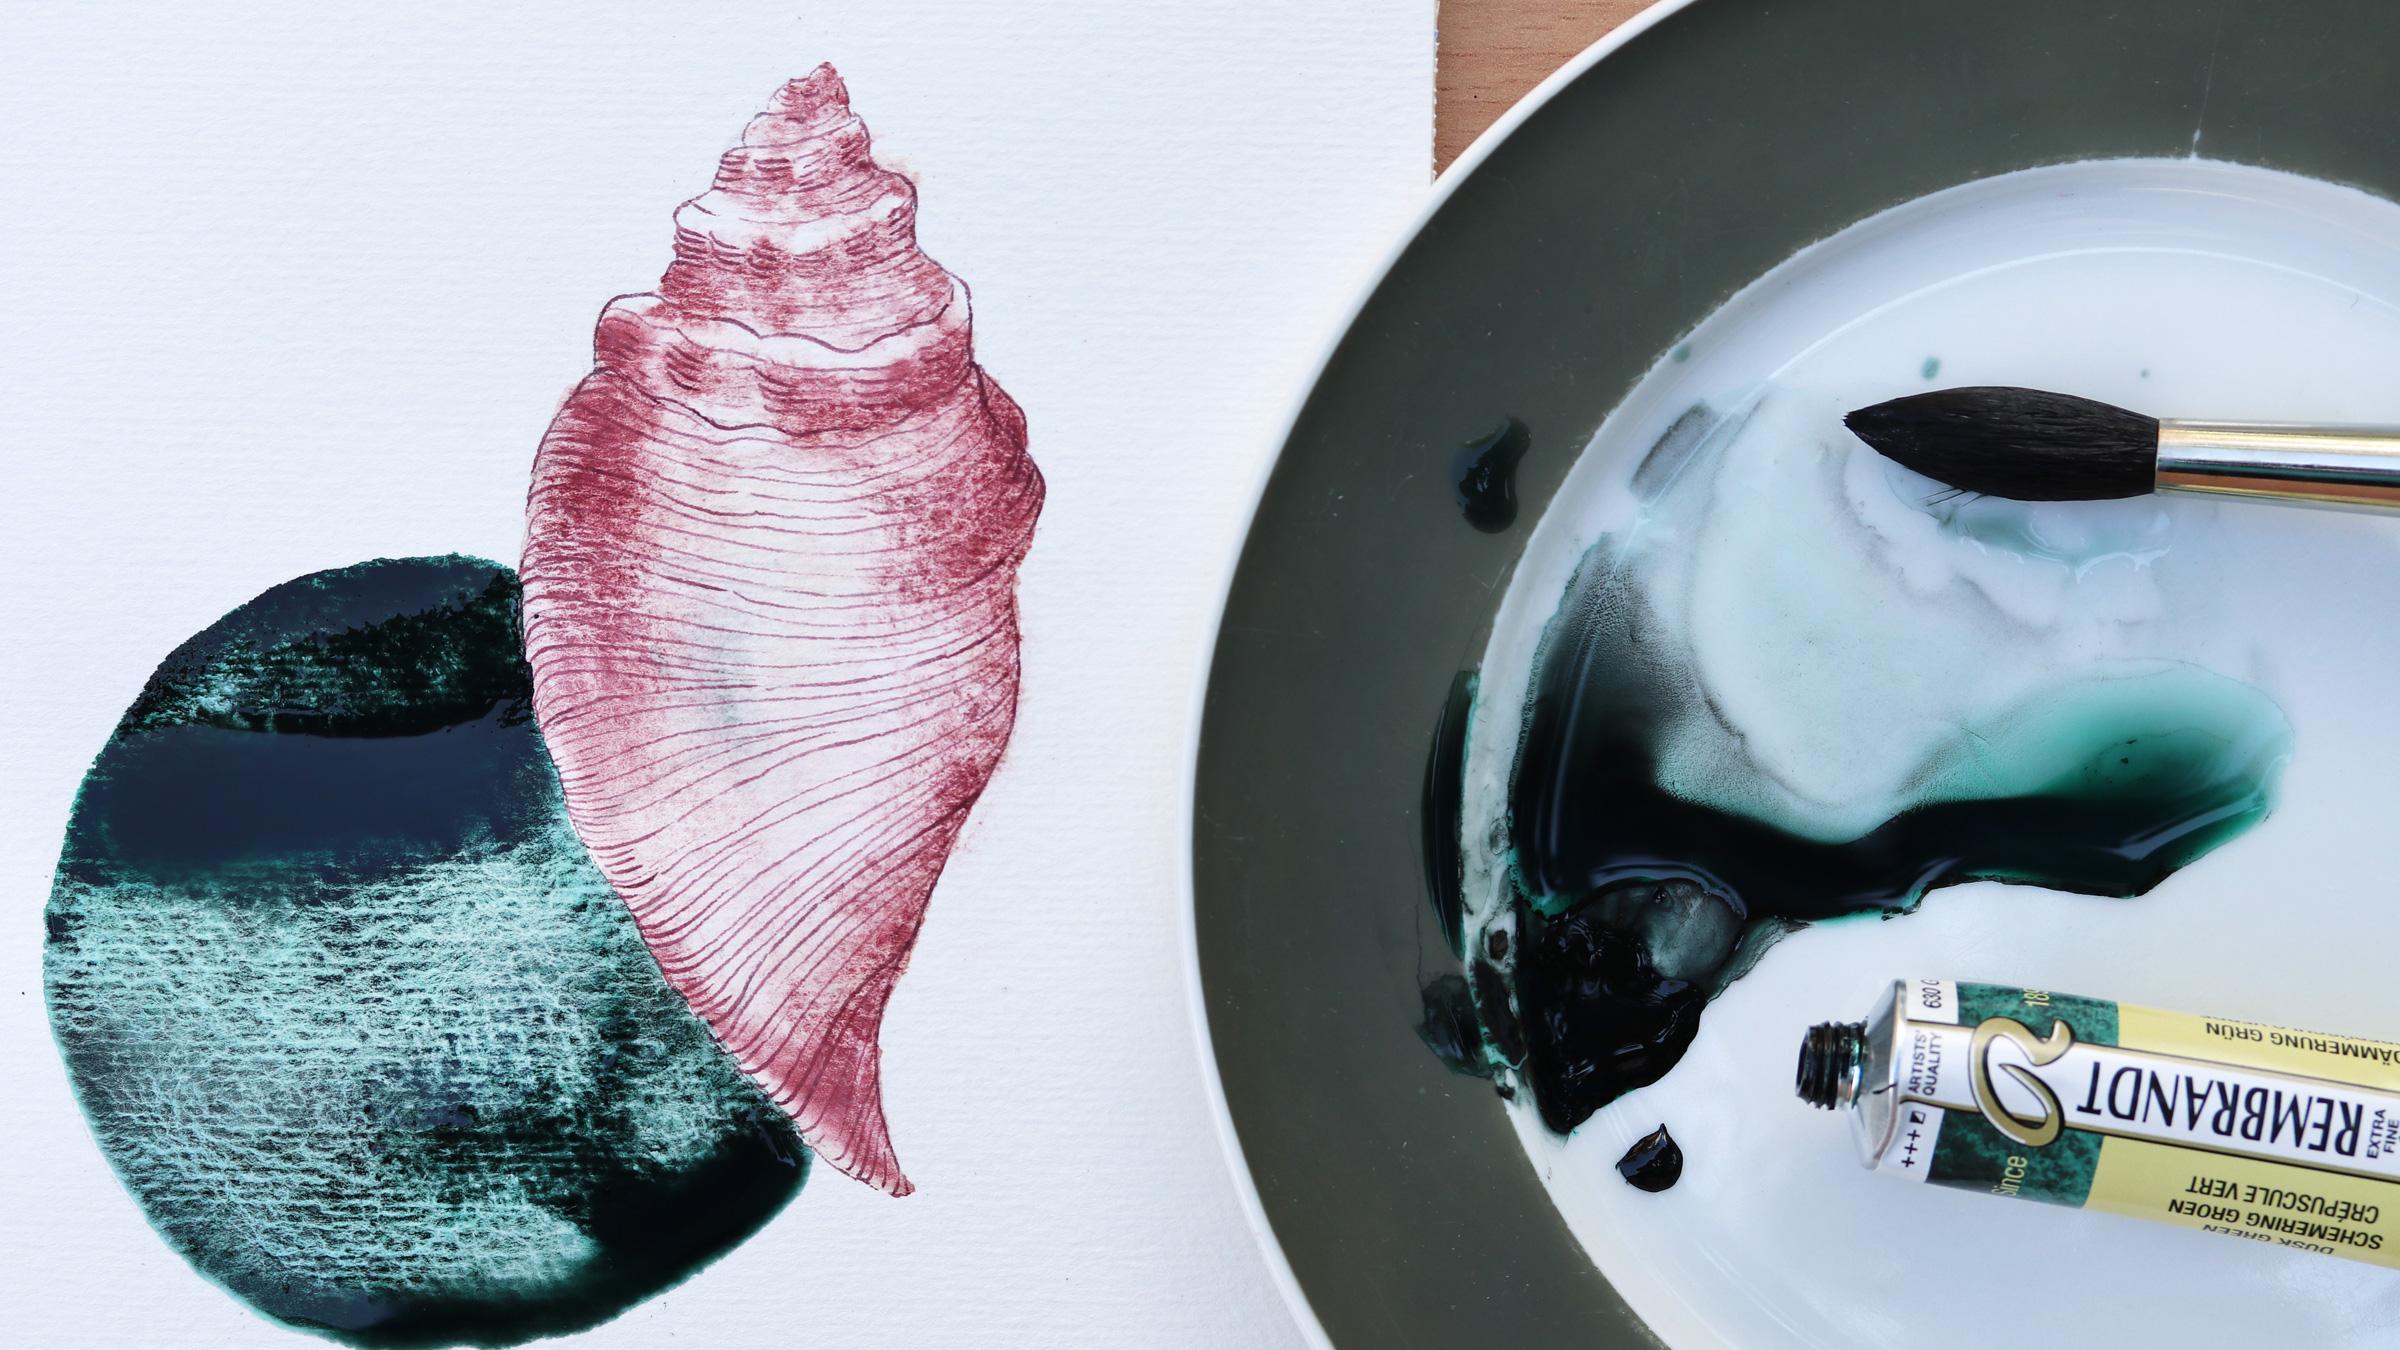 Granulierende Aquarellfarbe – Flügelschnecke: Schmincke Potters Pink und Dämmerungsgrün von Rembrandt